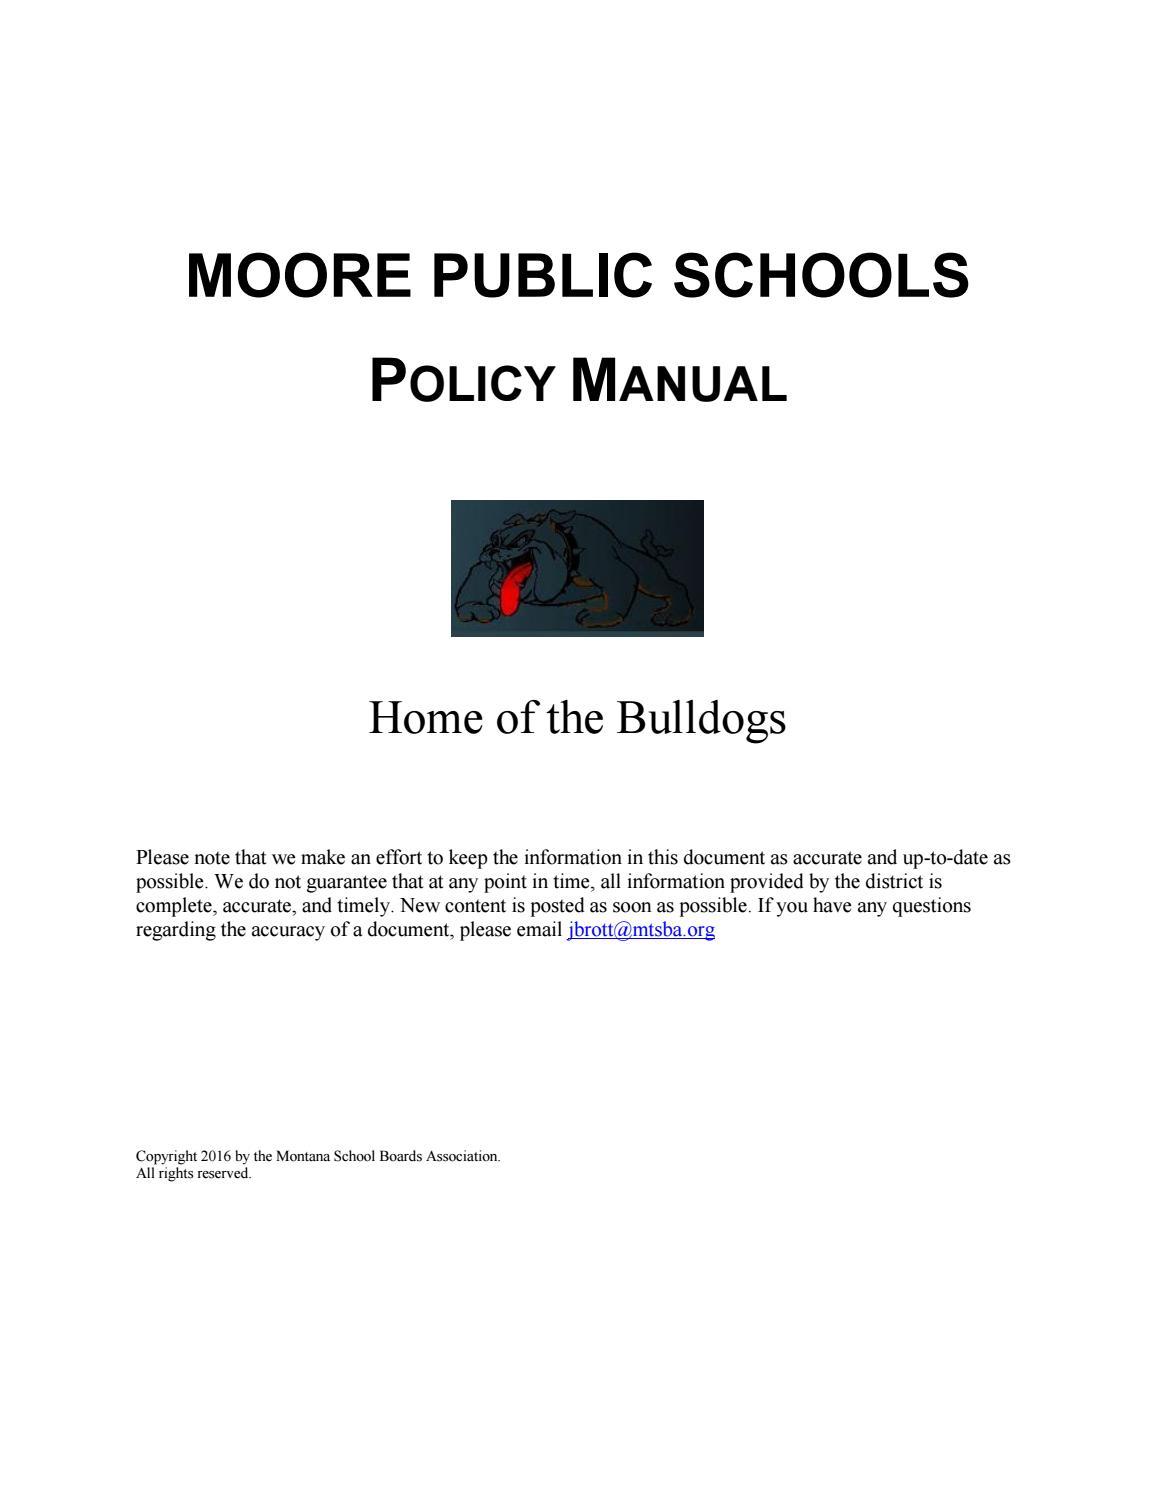 Moore Public Schools Policy Manual by Montana School Boards